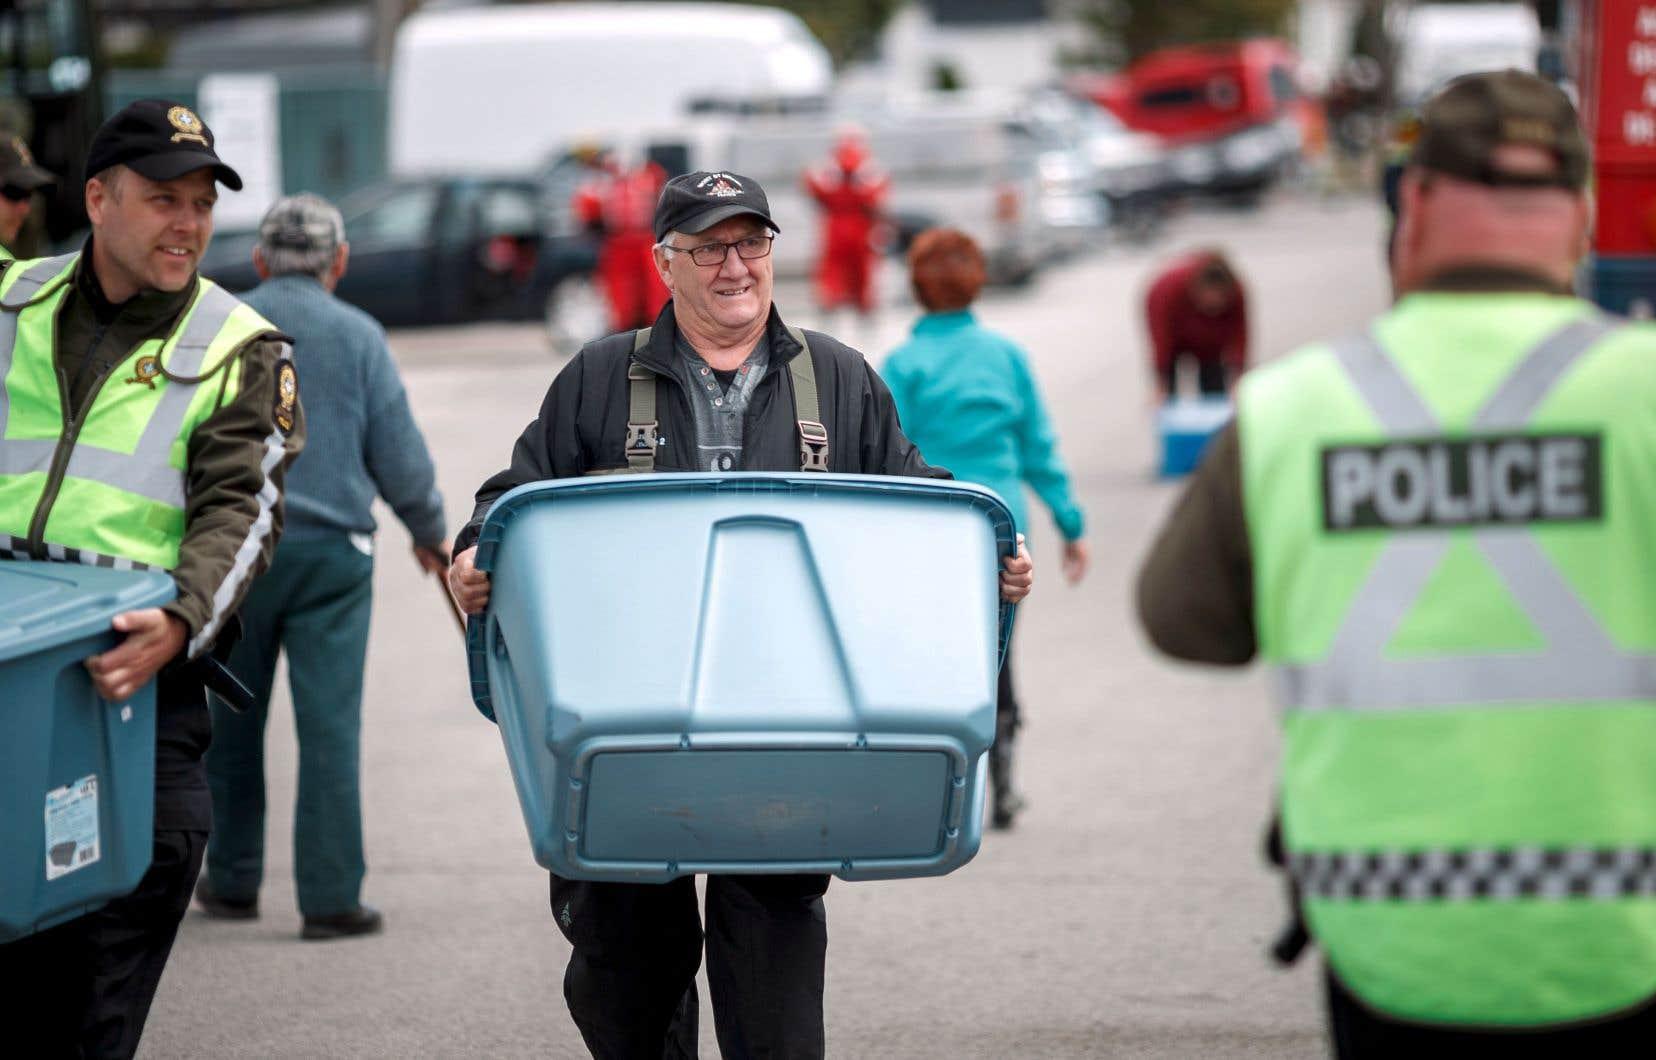 Escorté et aidé par un policier, un sinistré de Sainte-Marthe-sur-le-Lac transporte des effets personnels qu'il a pu aller chercher dans sa résidence inondée.